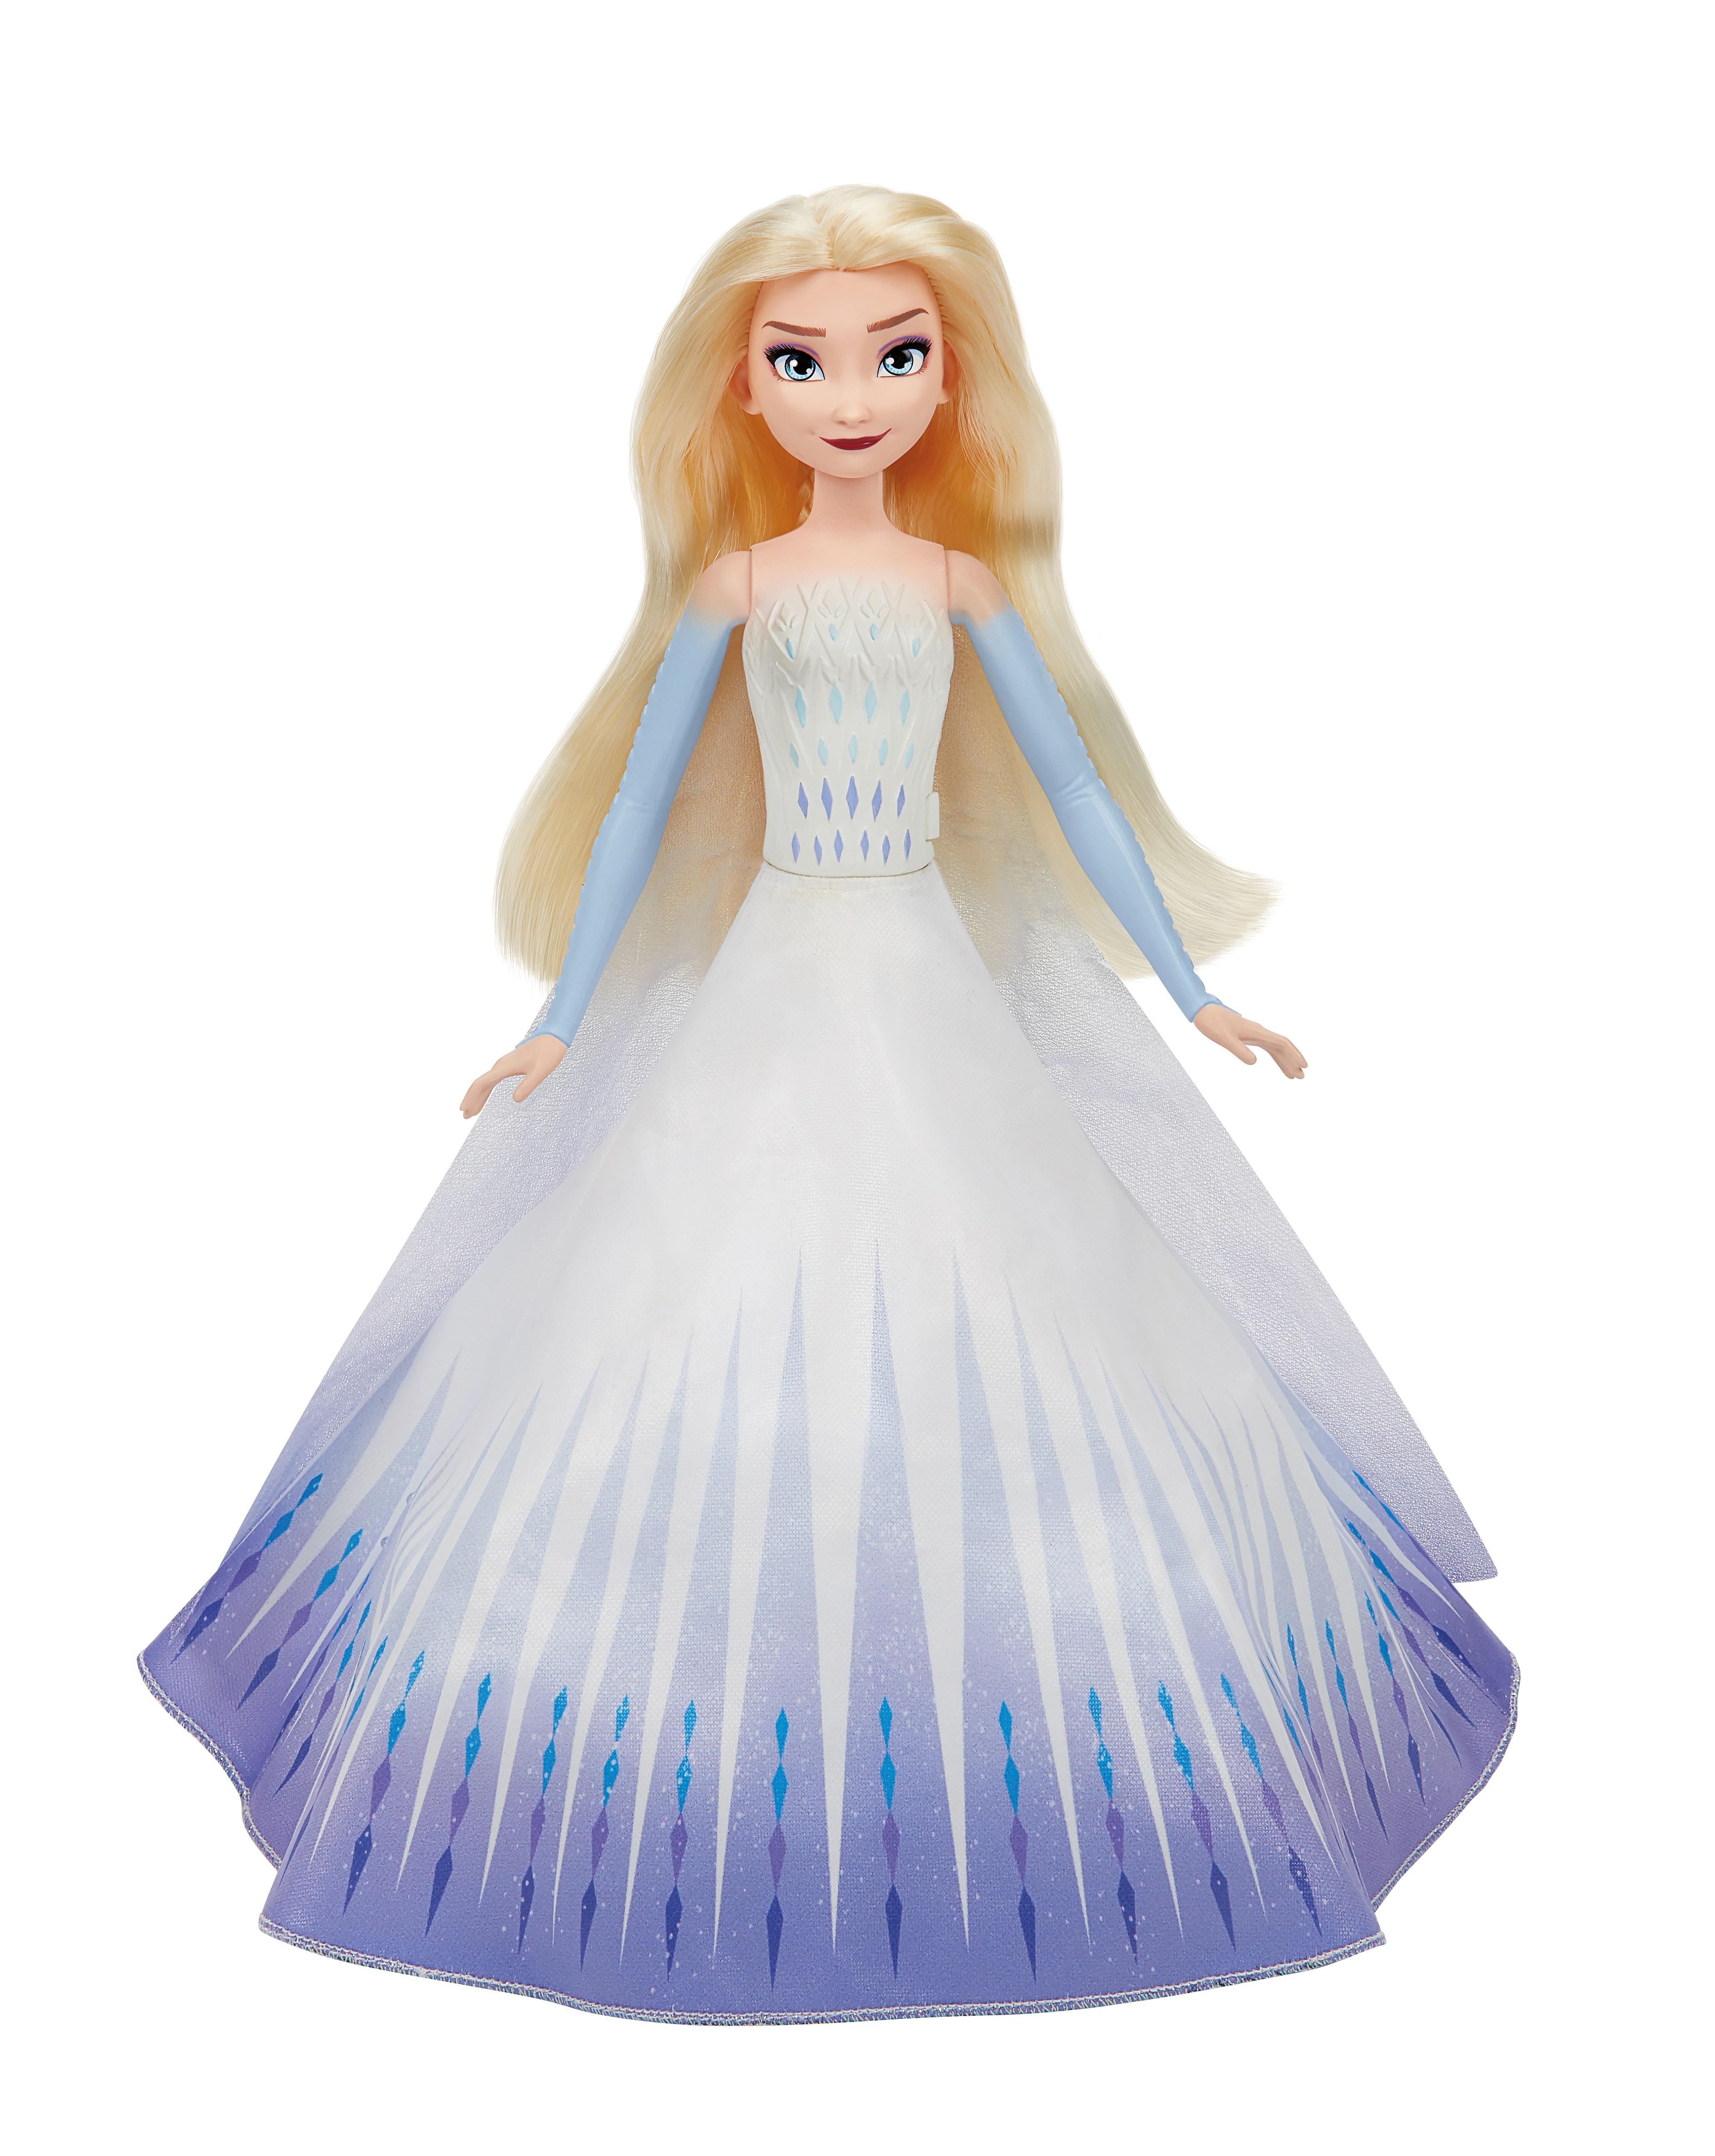 E7895 FRZ Transformation Dolls Assortment OOP Elsa 1